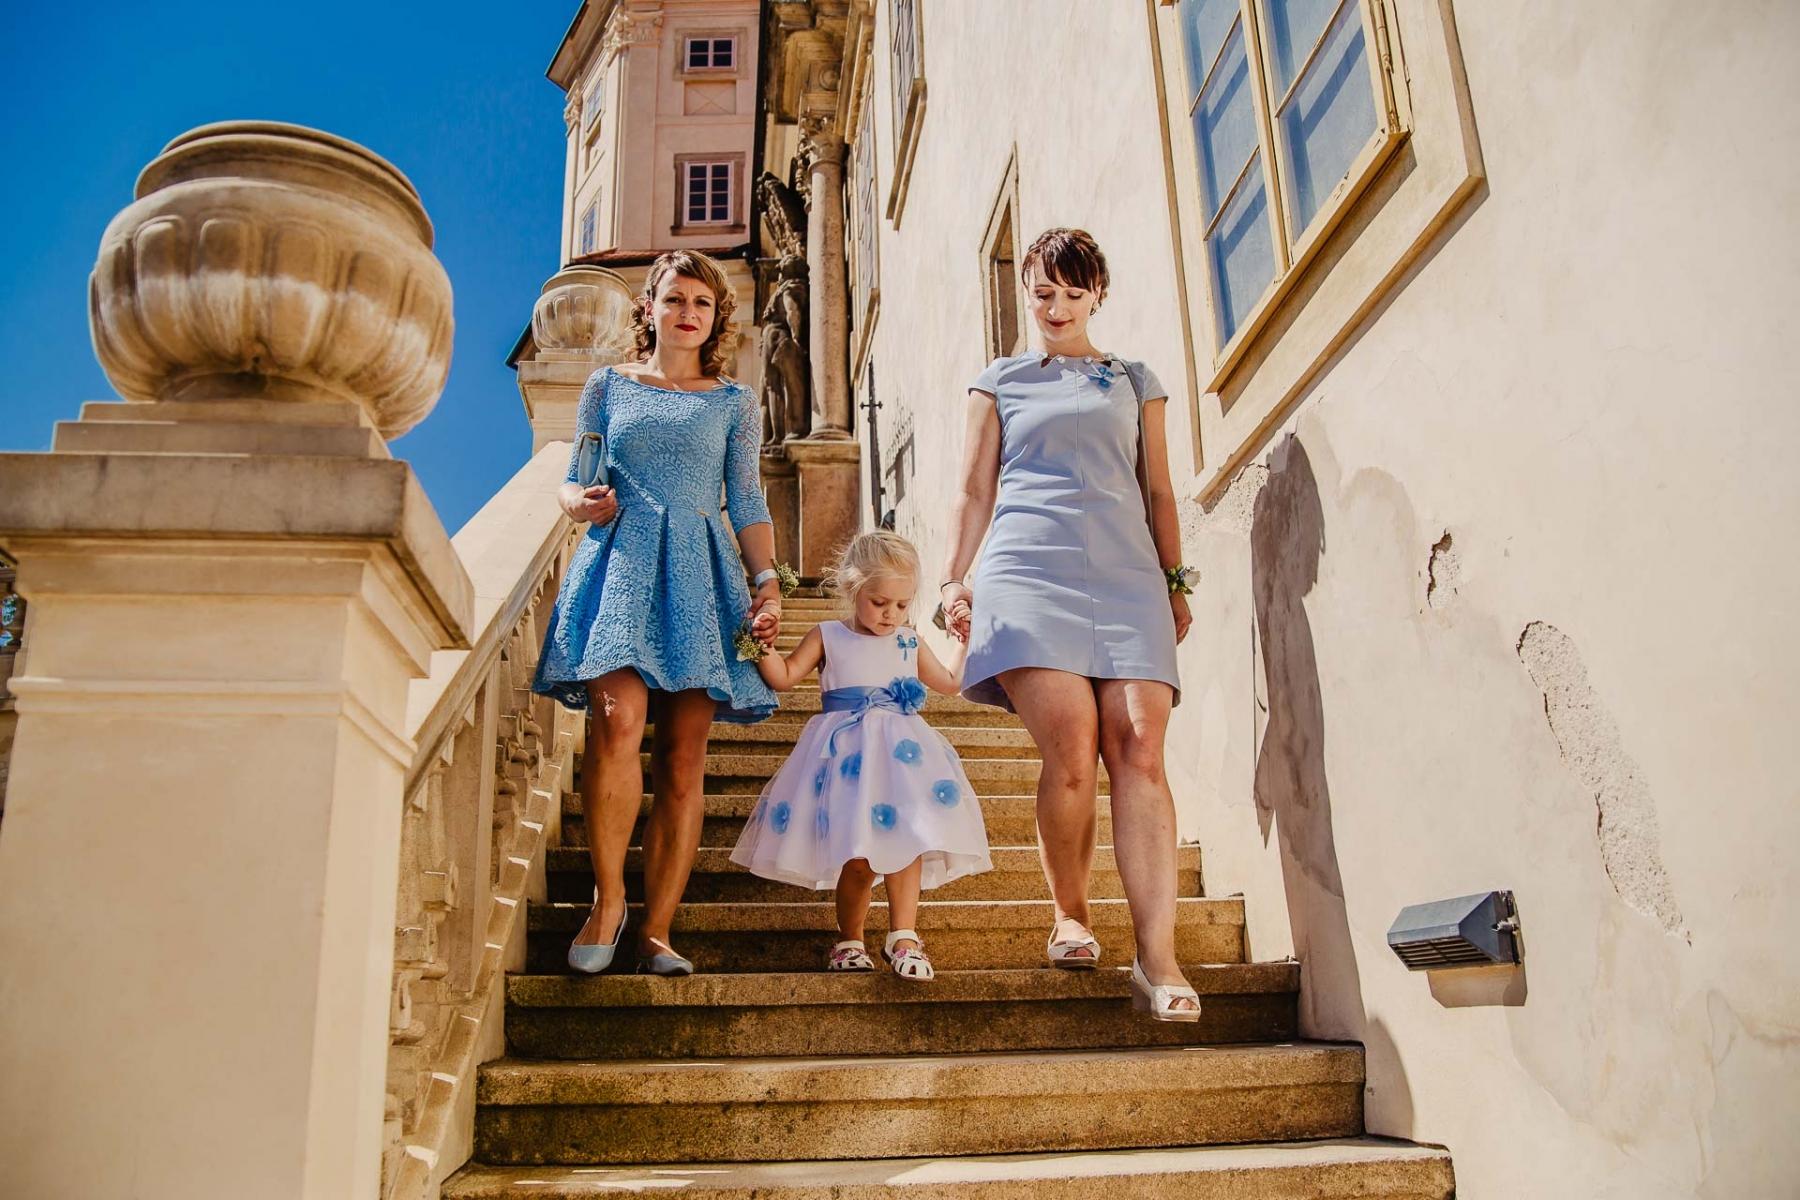 svatební fotograf zámek Mníšek pod Brdy, svatba na zámku, letní nejkrásnější zámecká svatba, Bára a Ondra-27